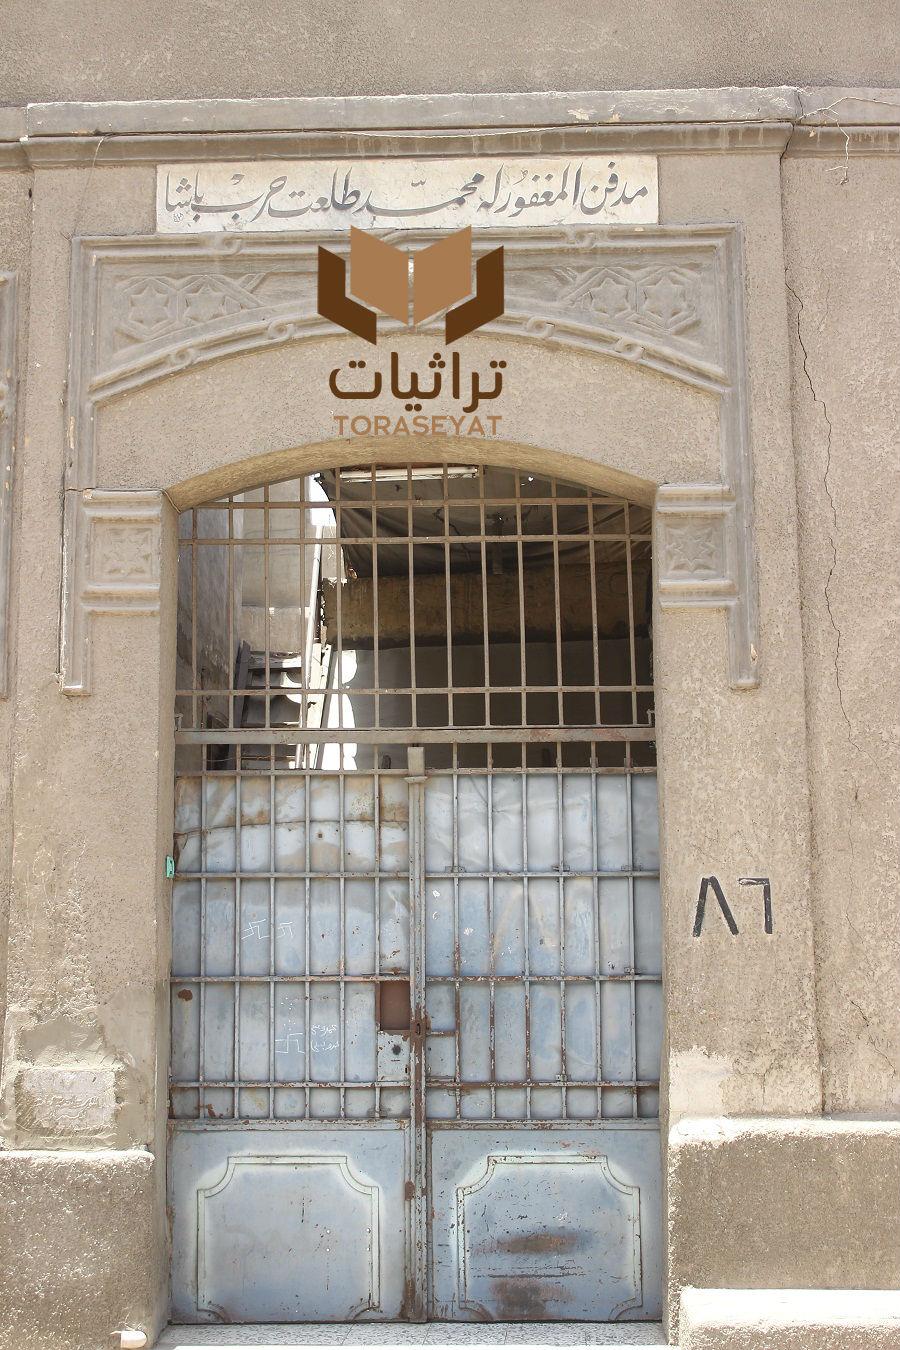 مدخل قبر طلعت حرب